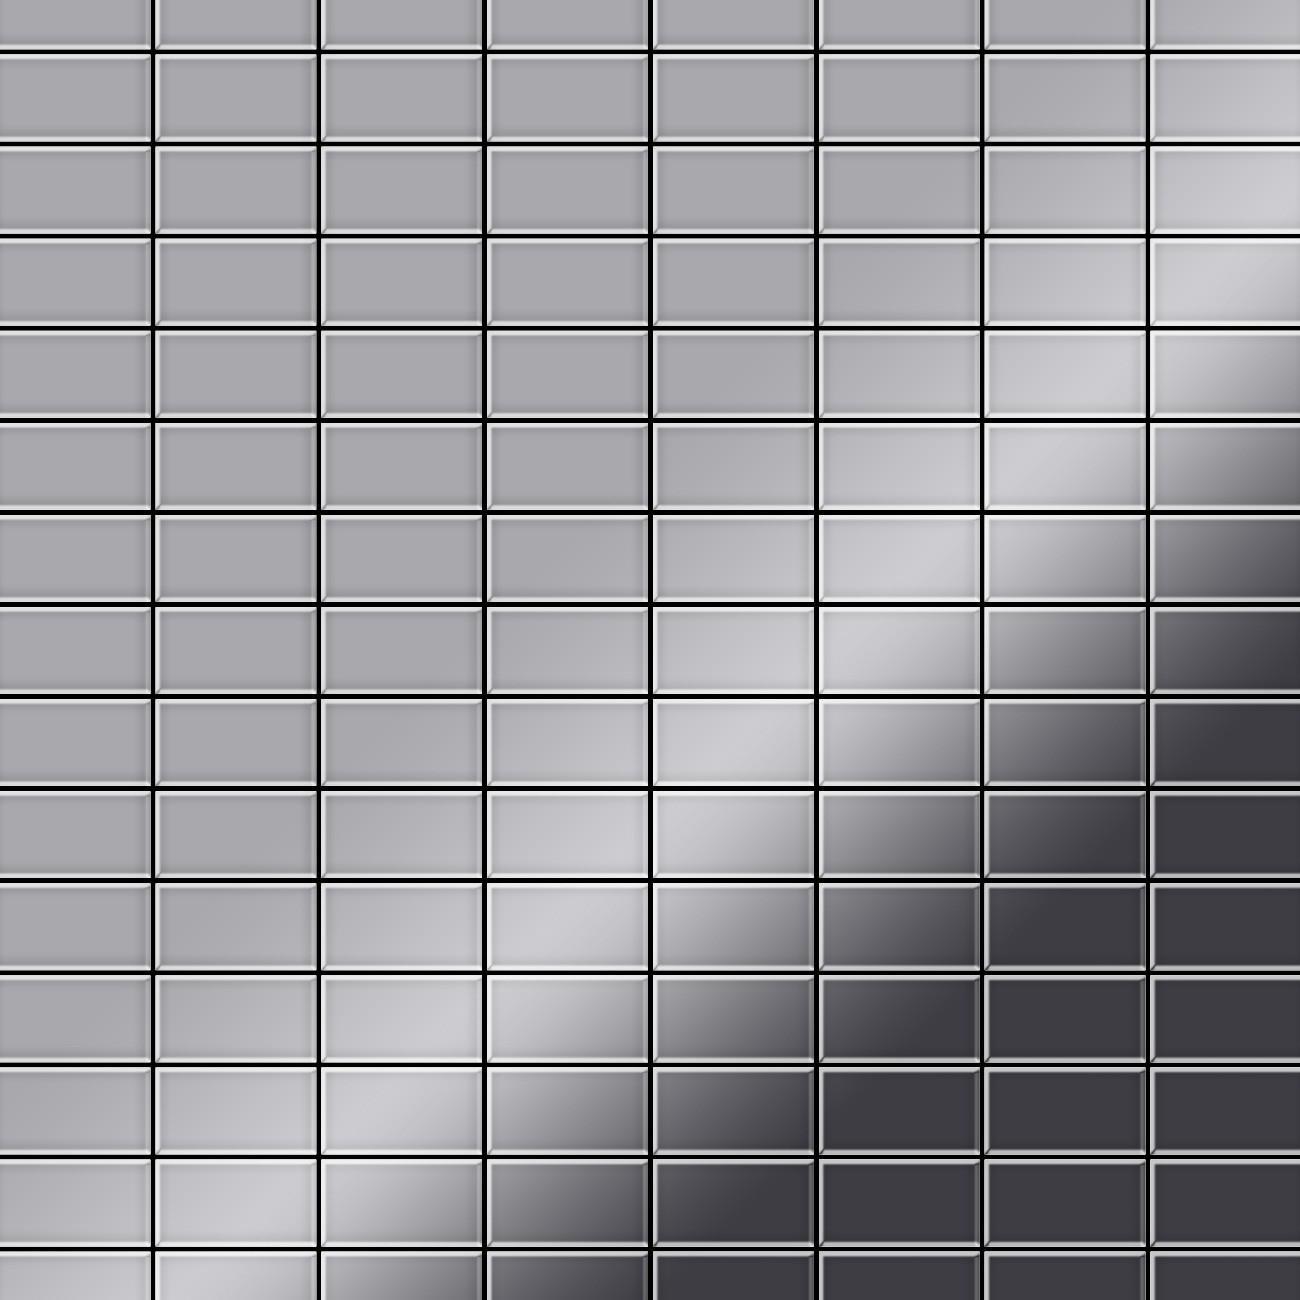 Mosaik fliese massiv metall edelstahl hochgl nzend in grau 1 6mm stark alloy bauhaus s s m 1 - Mosaik fliesen bauhaus ...